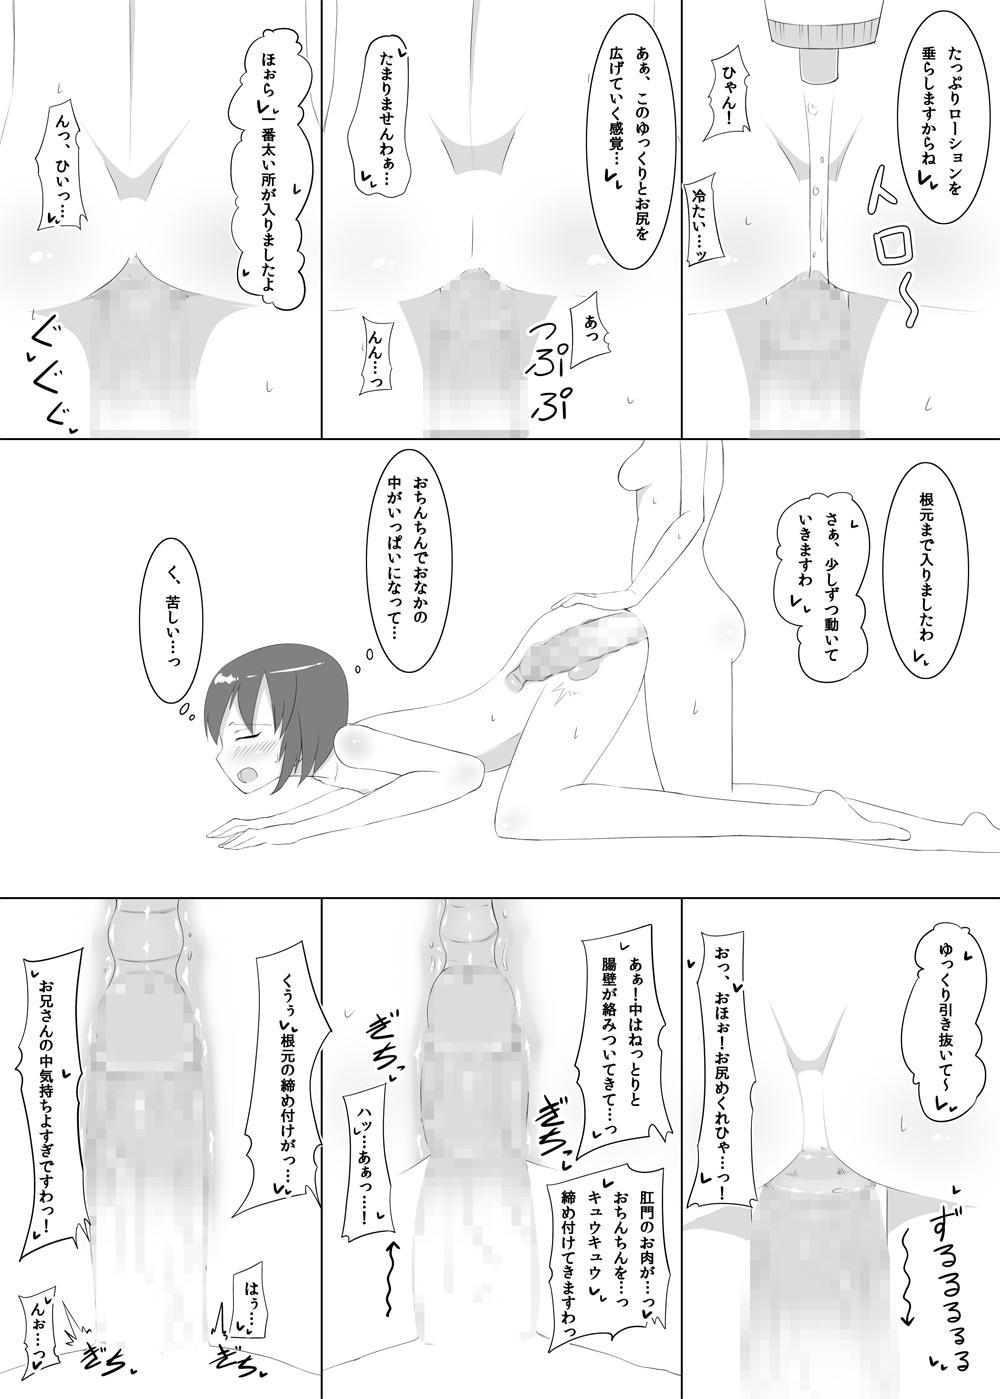 Futanari Time! Vol. 2 14